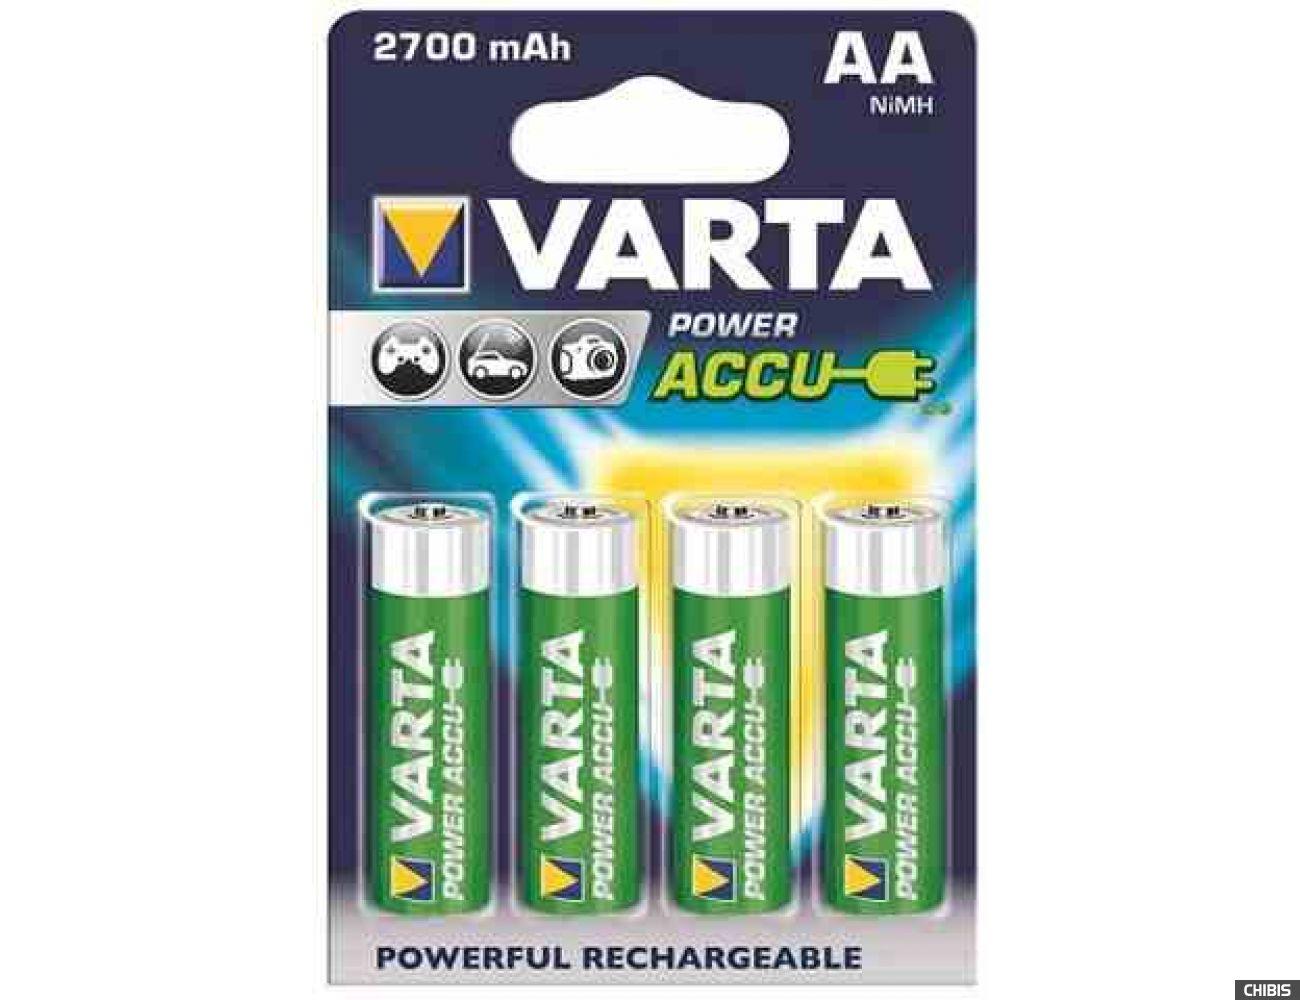 Аккумуляторные батарейки АА Varta 2700 mAh Power (HR6 Ni-MH) 4/4 шт. 56766101404